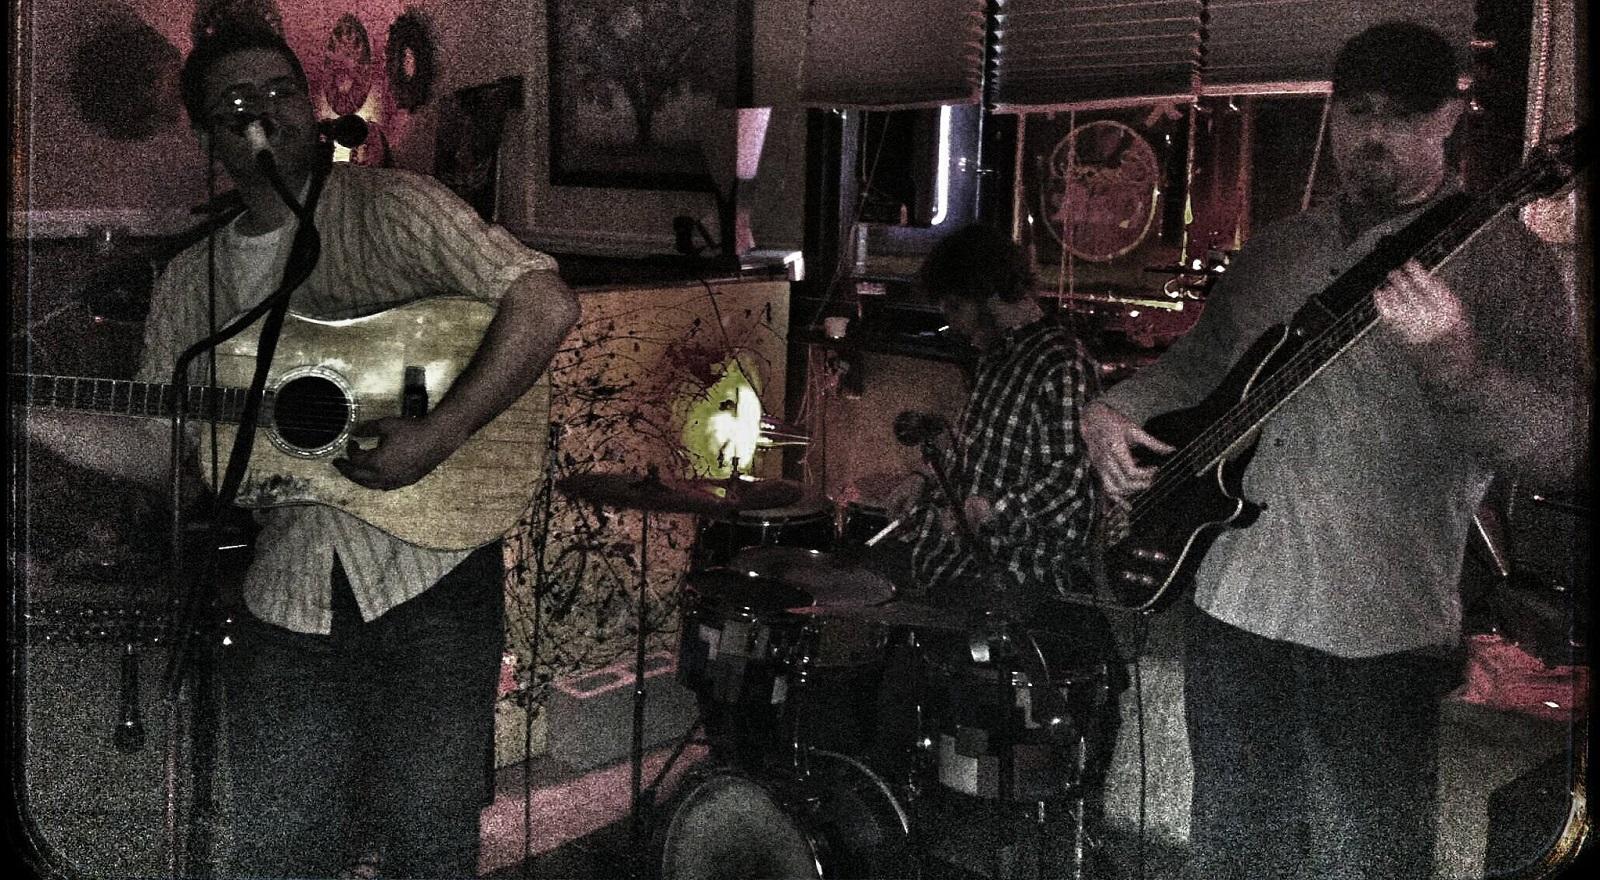 Buffalo band Wakos performs at Dinosaur Bar-B-Que on Friday. (via Wakos Facebook page)